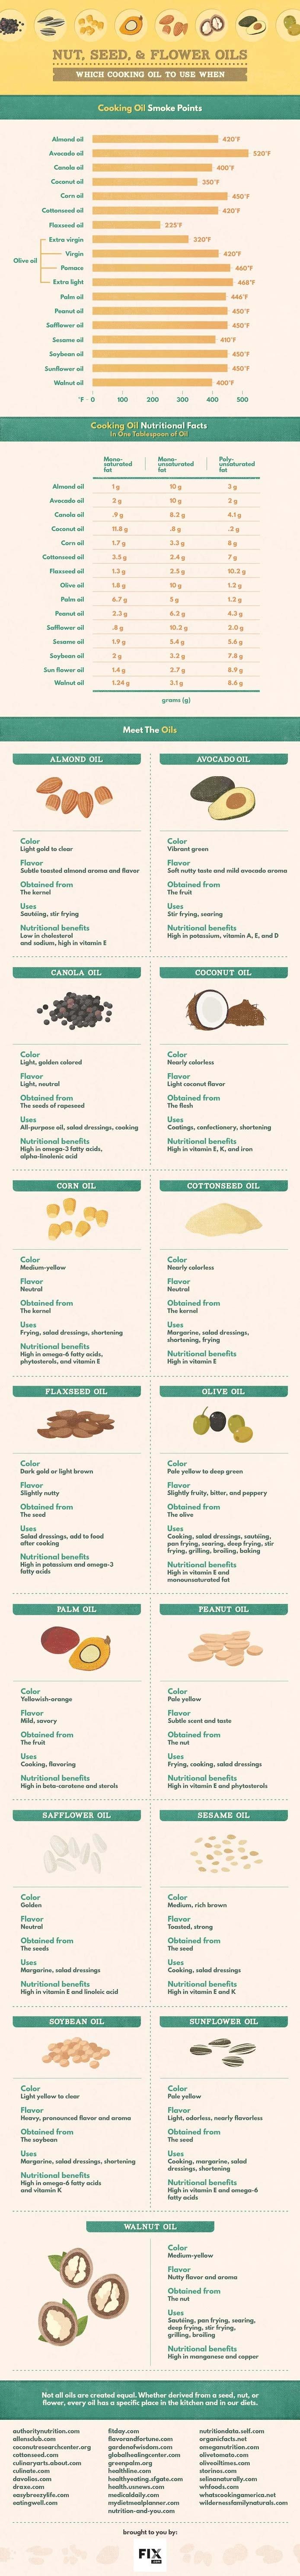 Nut, Seed & Flower Oils